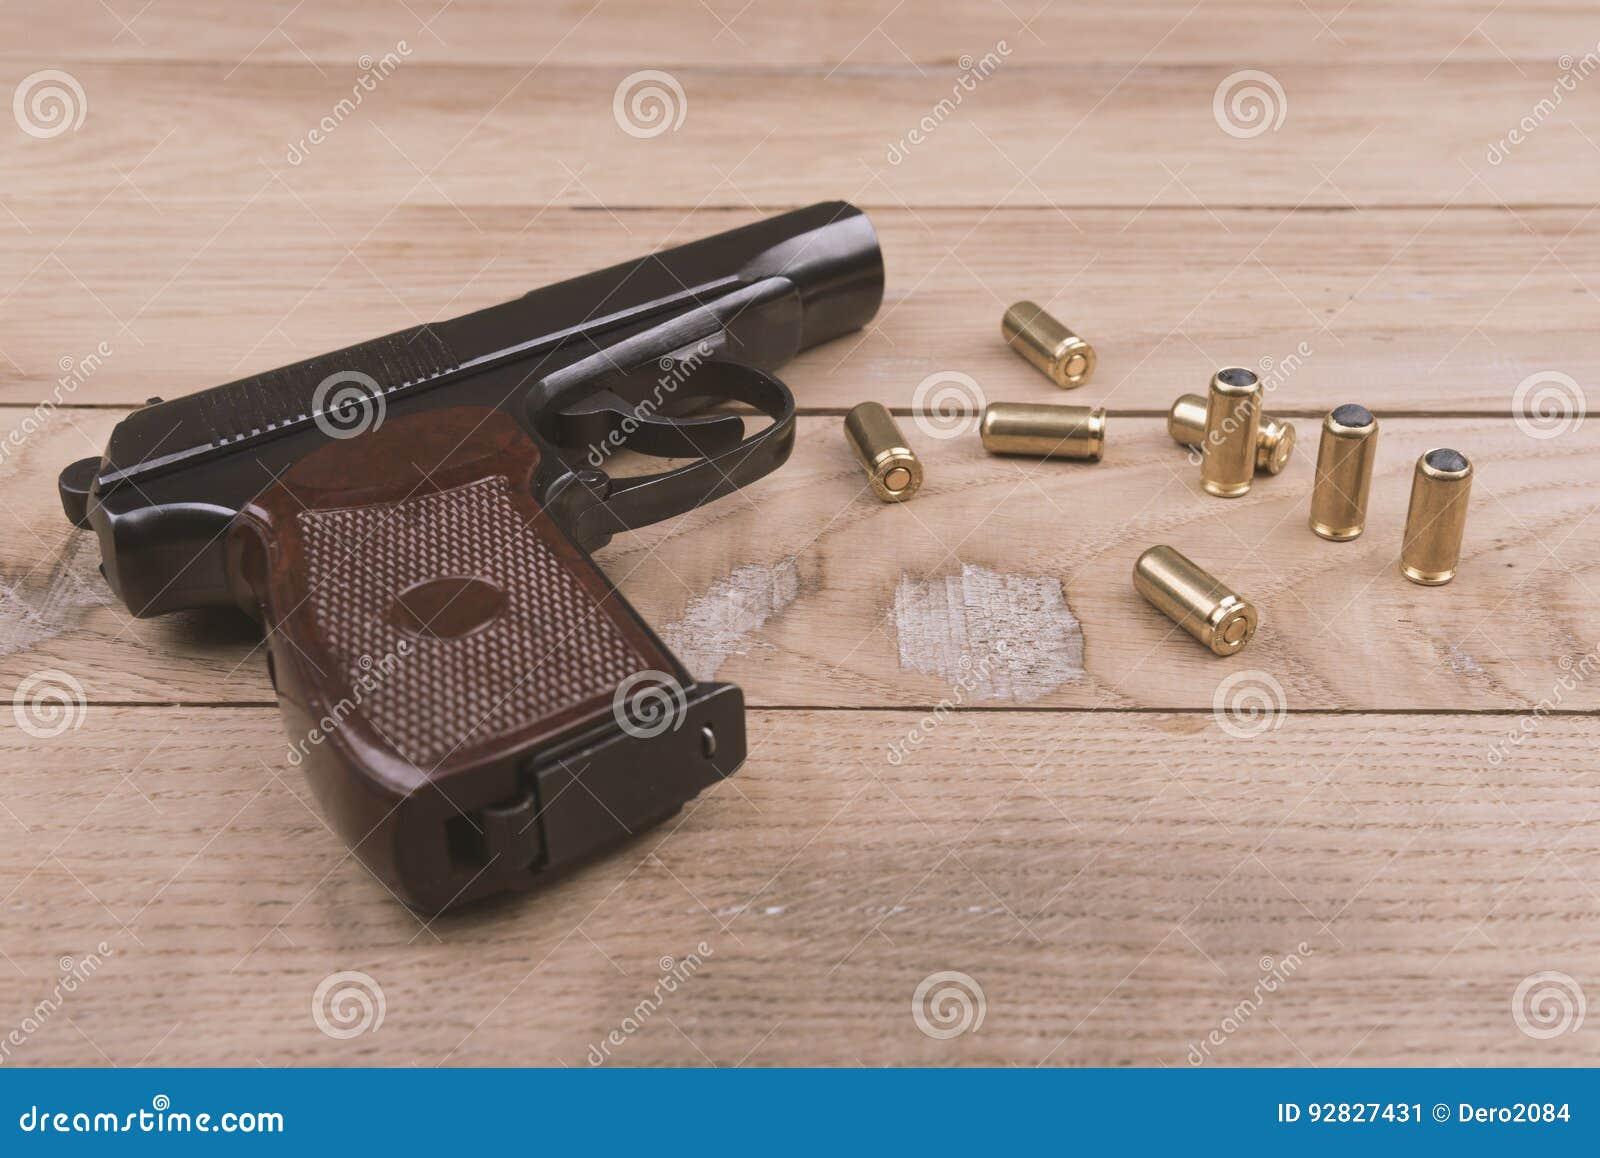 创伤手枪用子弹和弹药筒木表面上,集合